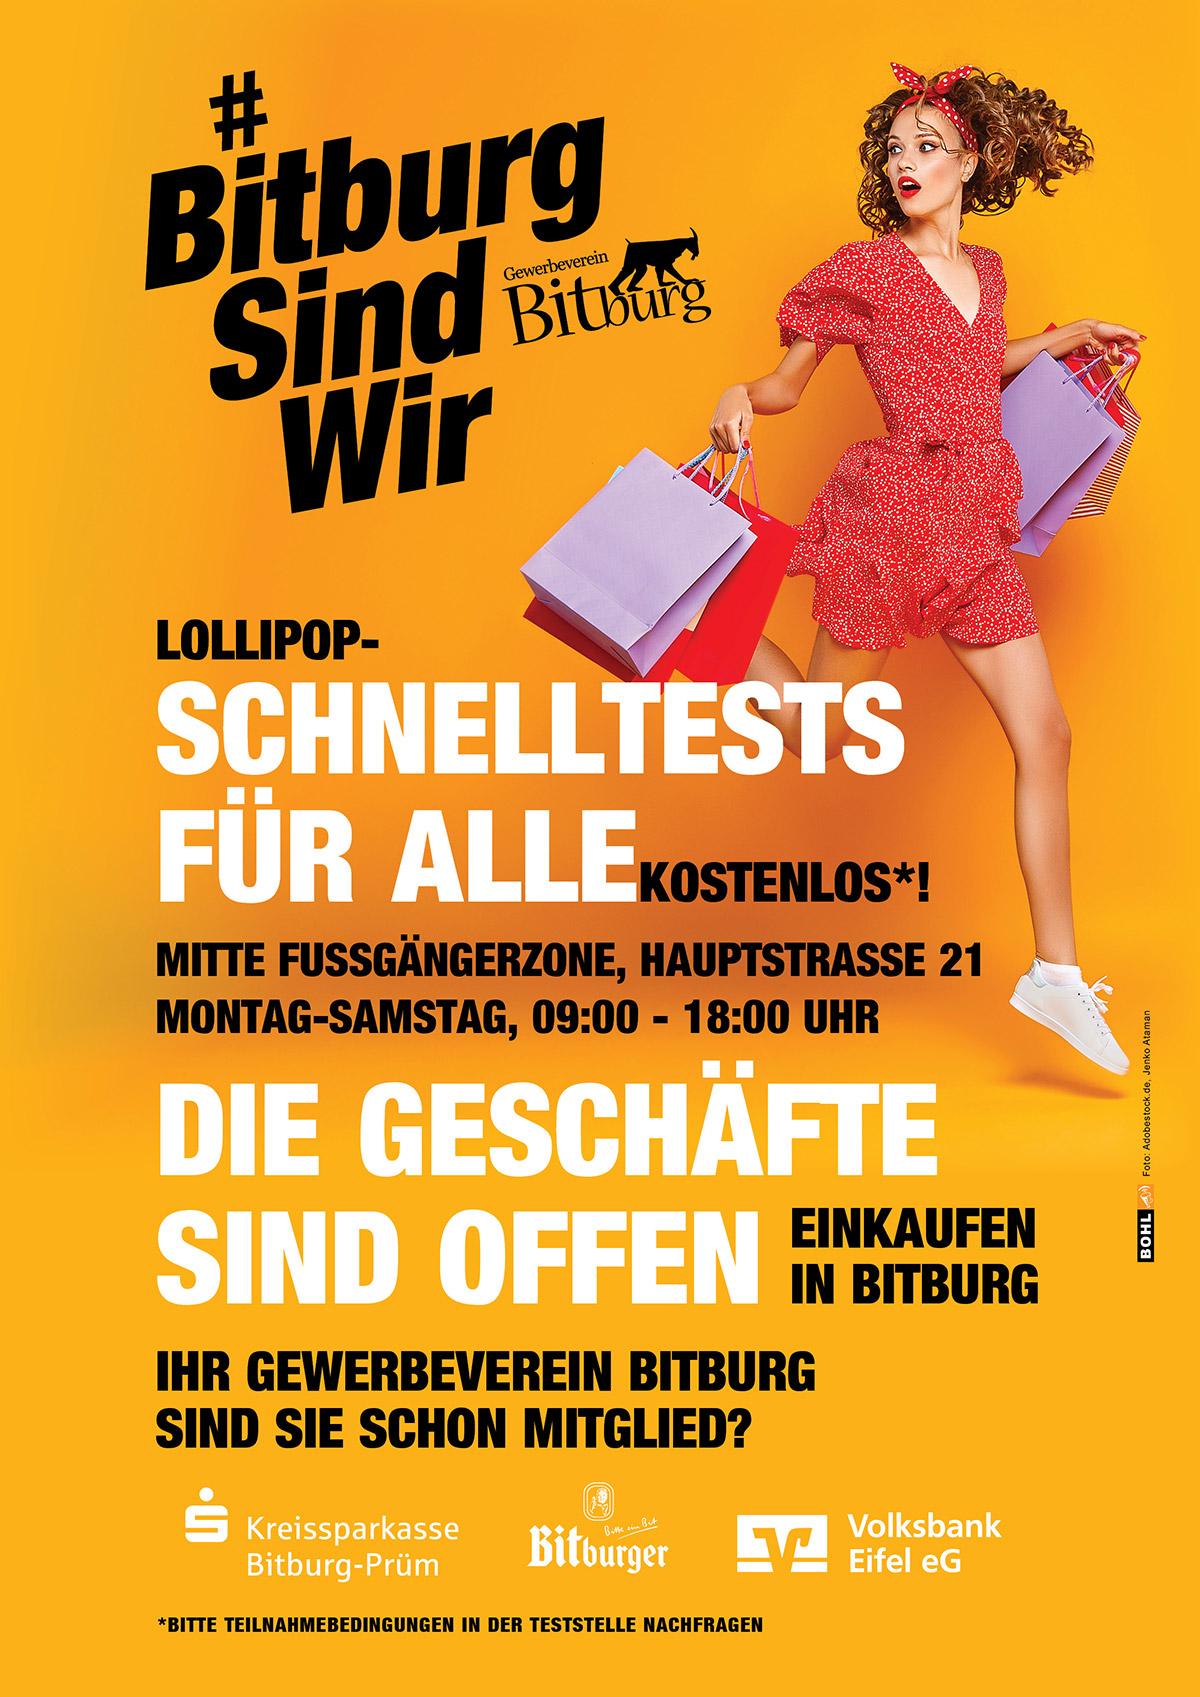 LOLLIPOP - SCHNELLTESTS FÜR ALLE - KOSTENLOS! Gewerbeverein Bitburg e.V.